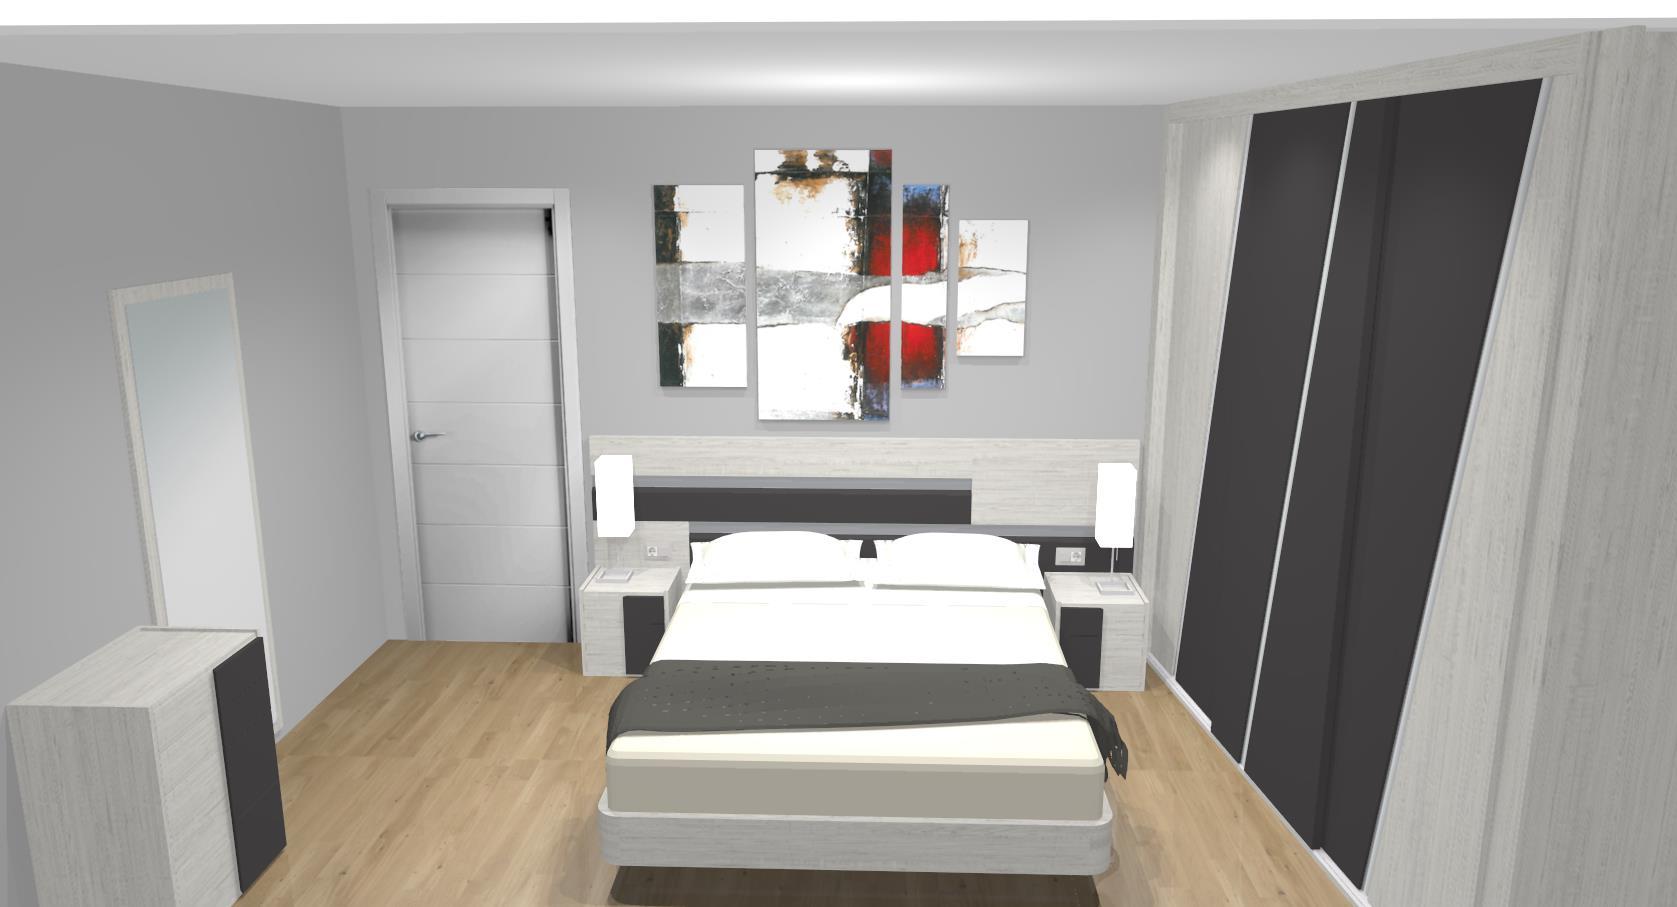 FOTO dormitorio elena completo armario 3 puertas correderas a medida